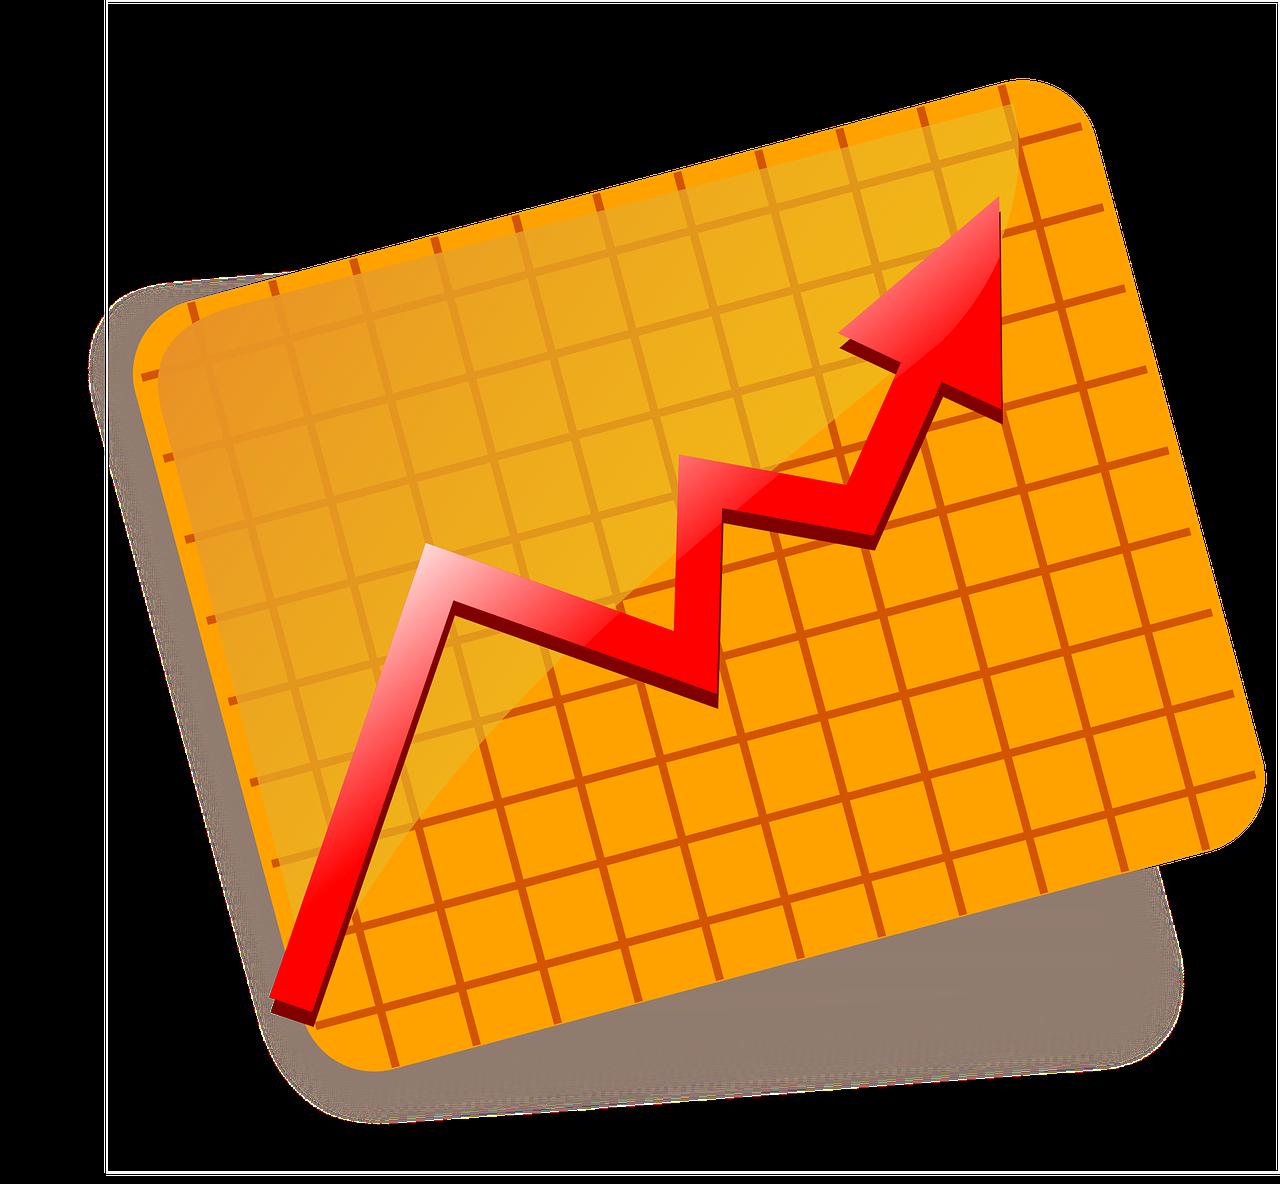 Data clipart finance chart. Sjuggerud s melt up